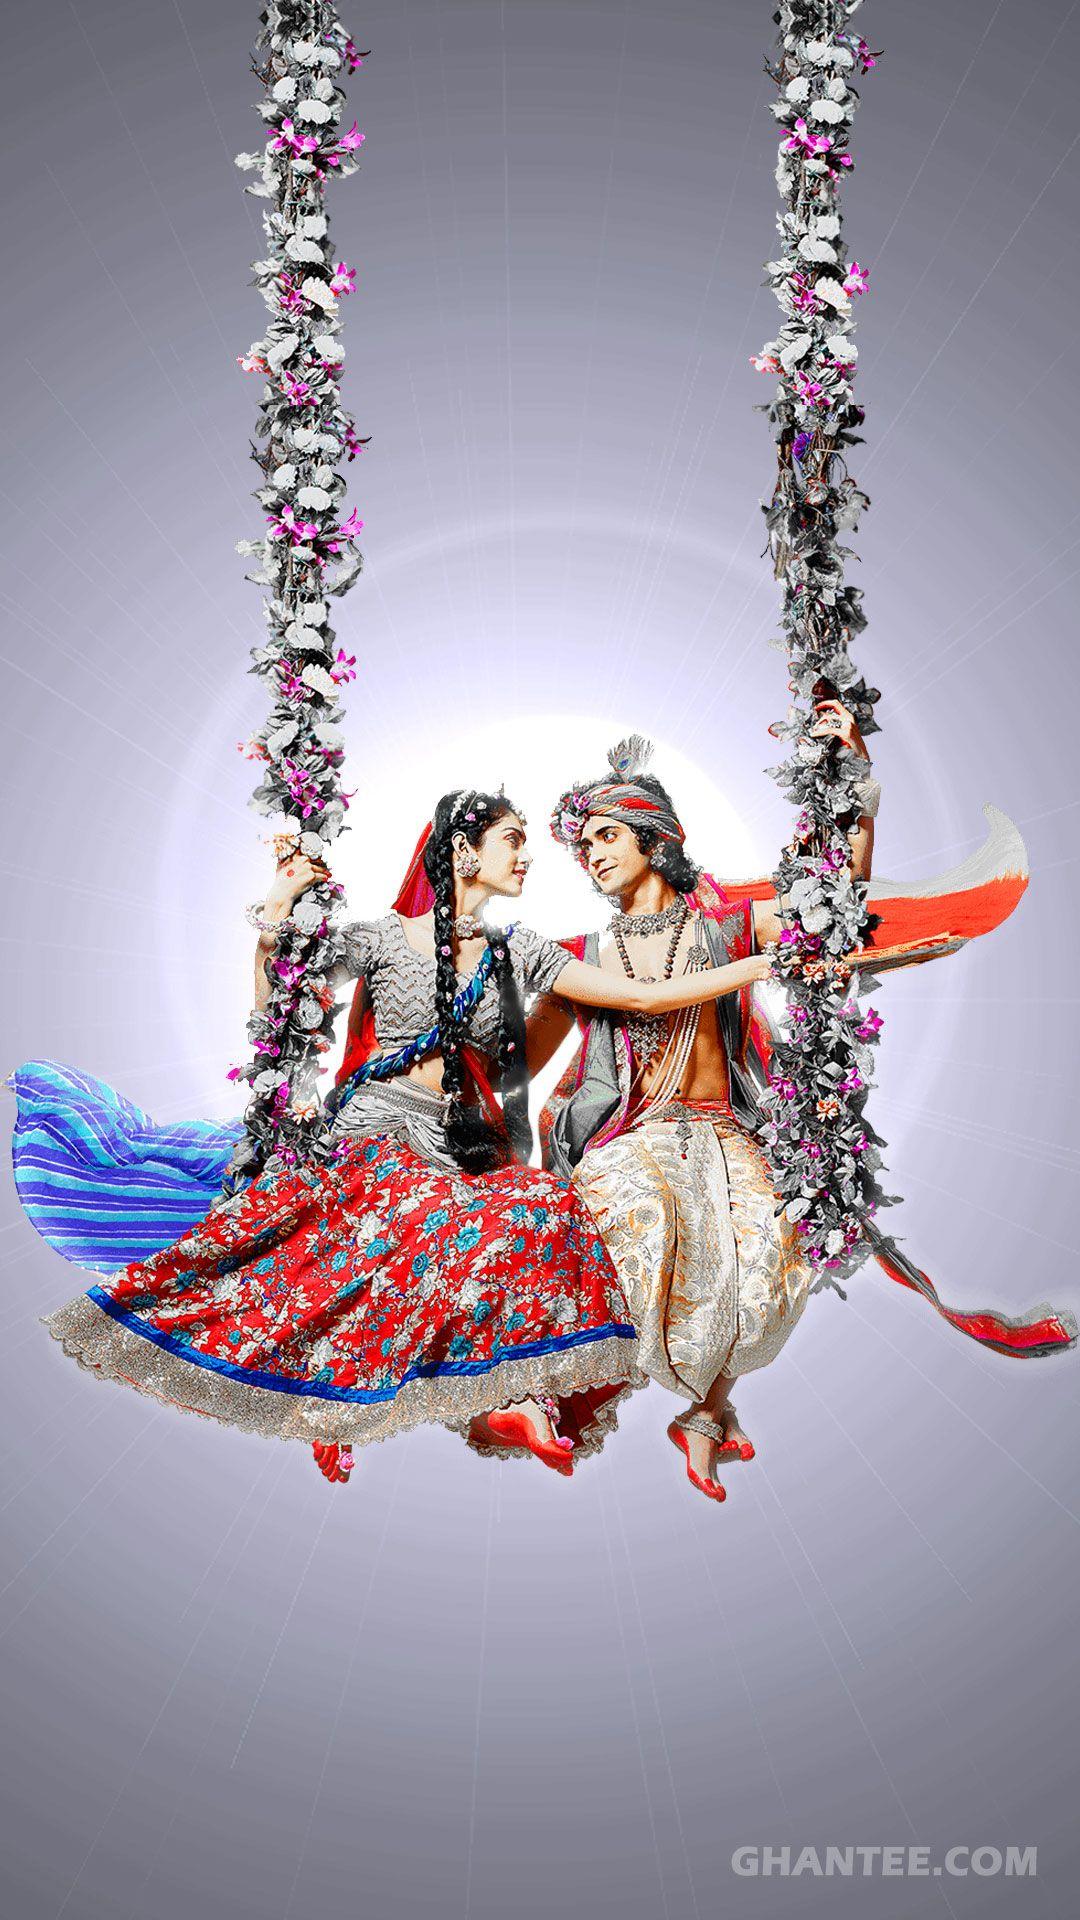 Radhakrishna Wallpaper For Mobile Ghantee Radhe Krishna Wallpapers Shree Krishna Wallpapers Radha Krishna Holi Radha krishna love wallpaper hd 3d full